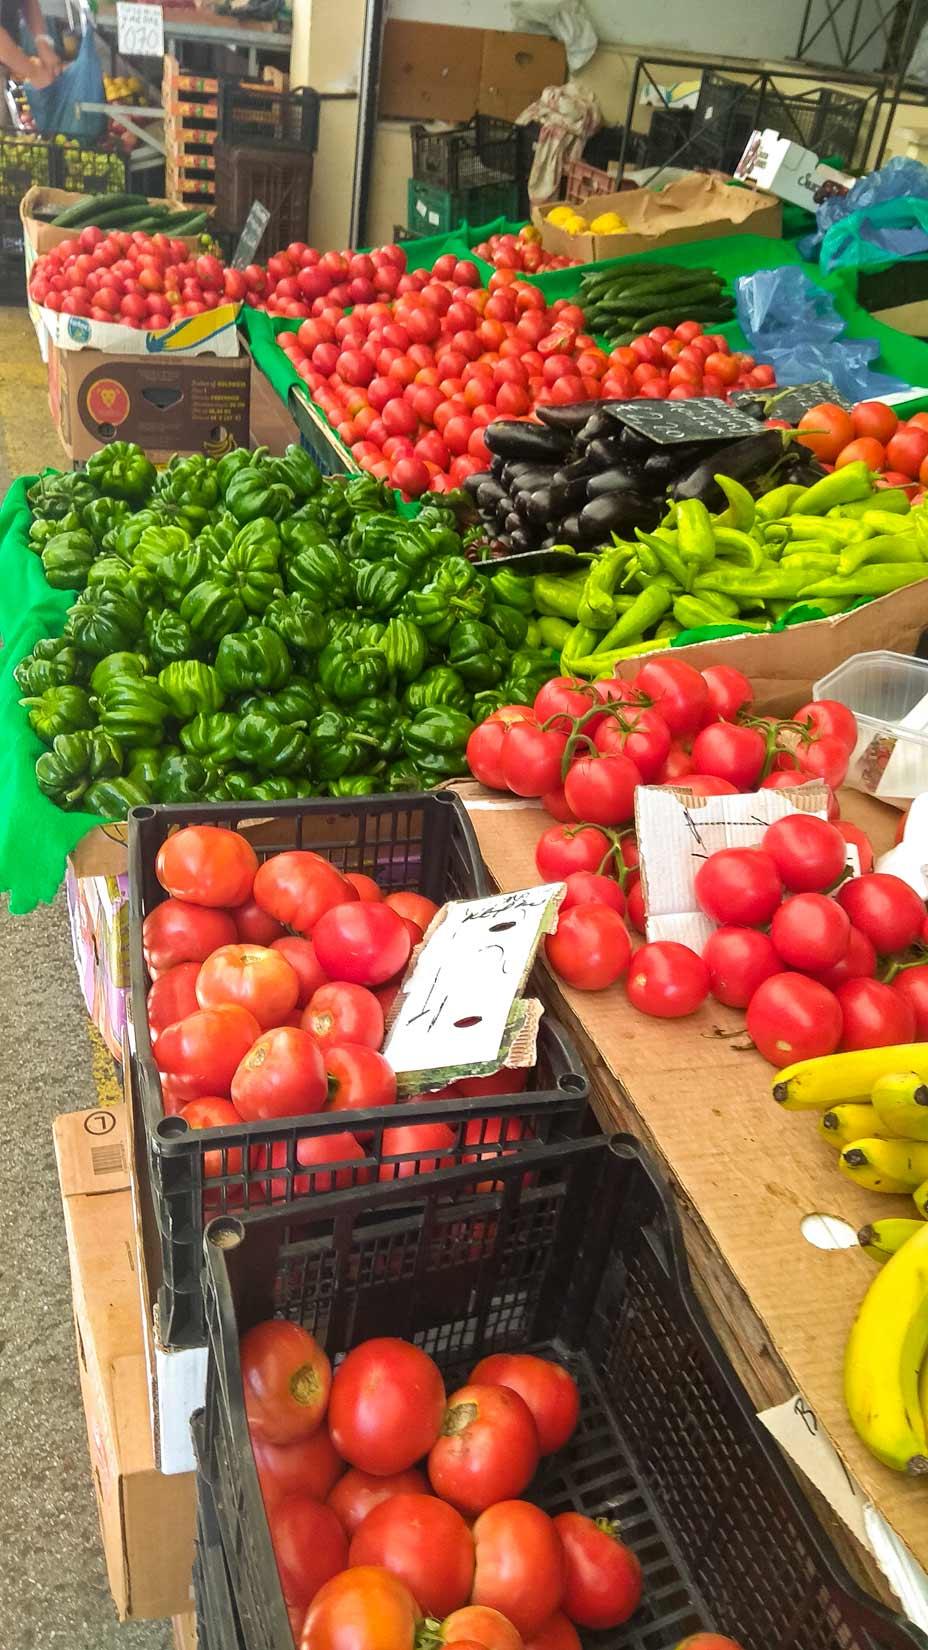 Zaručeně čerstvé produkty zaručeně místní produkce...